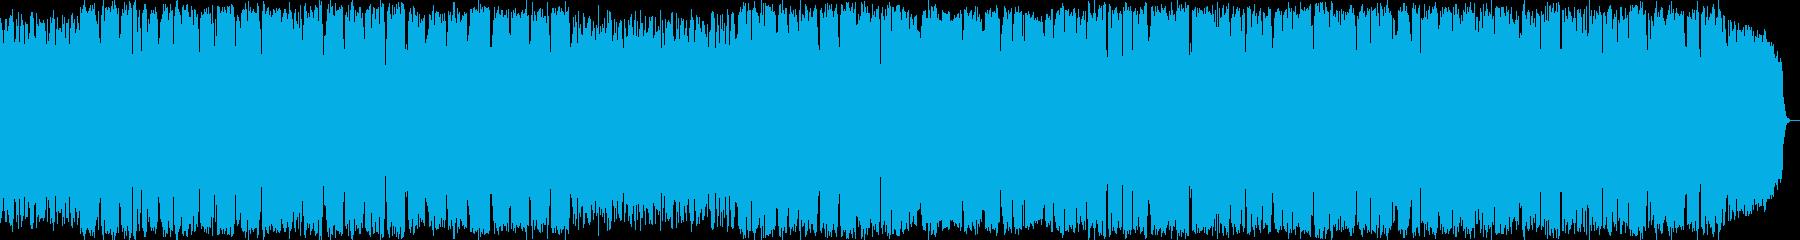 森の瞑想 竹笛のヒーリングミュージックの再生済みの波形